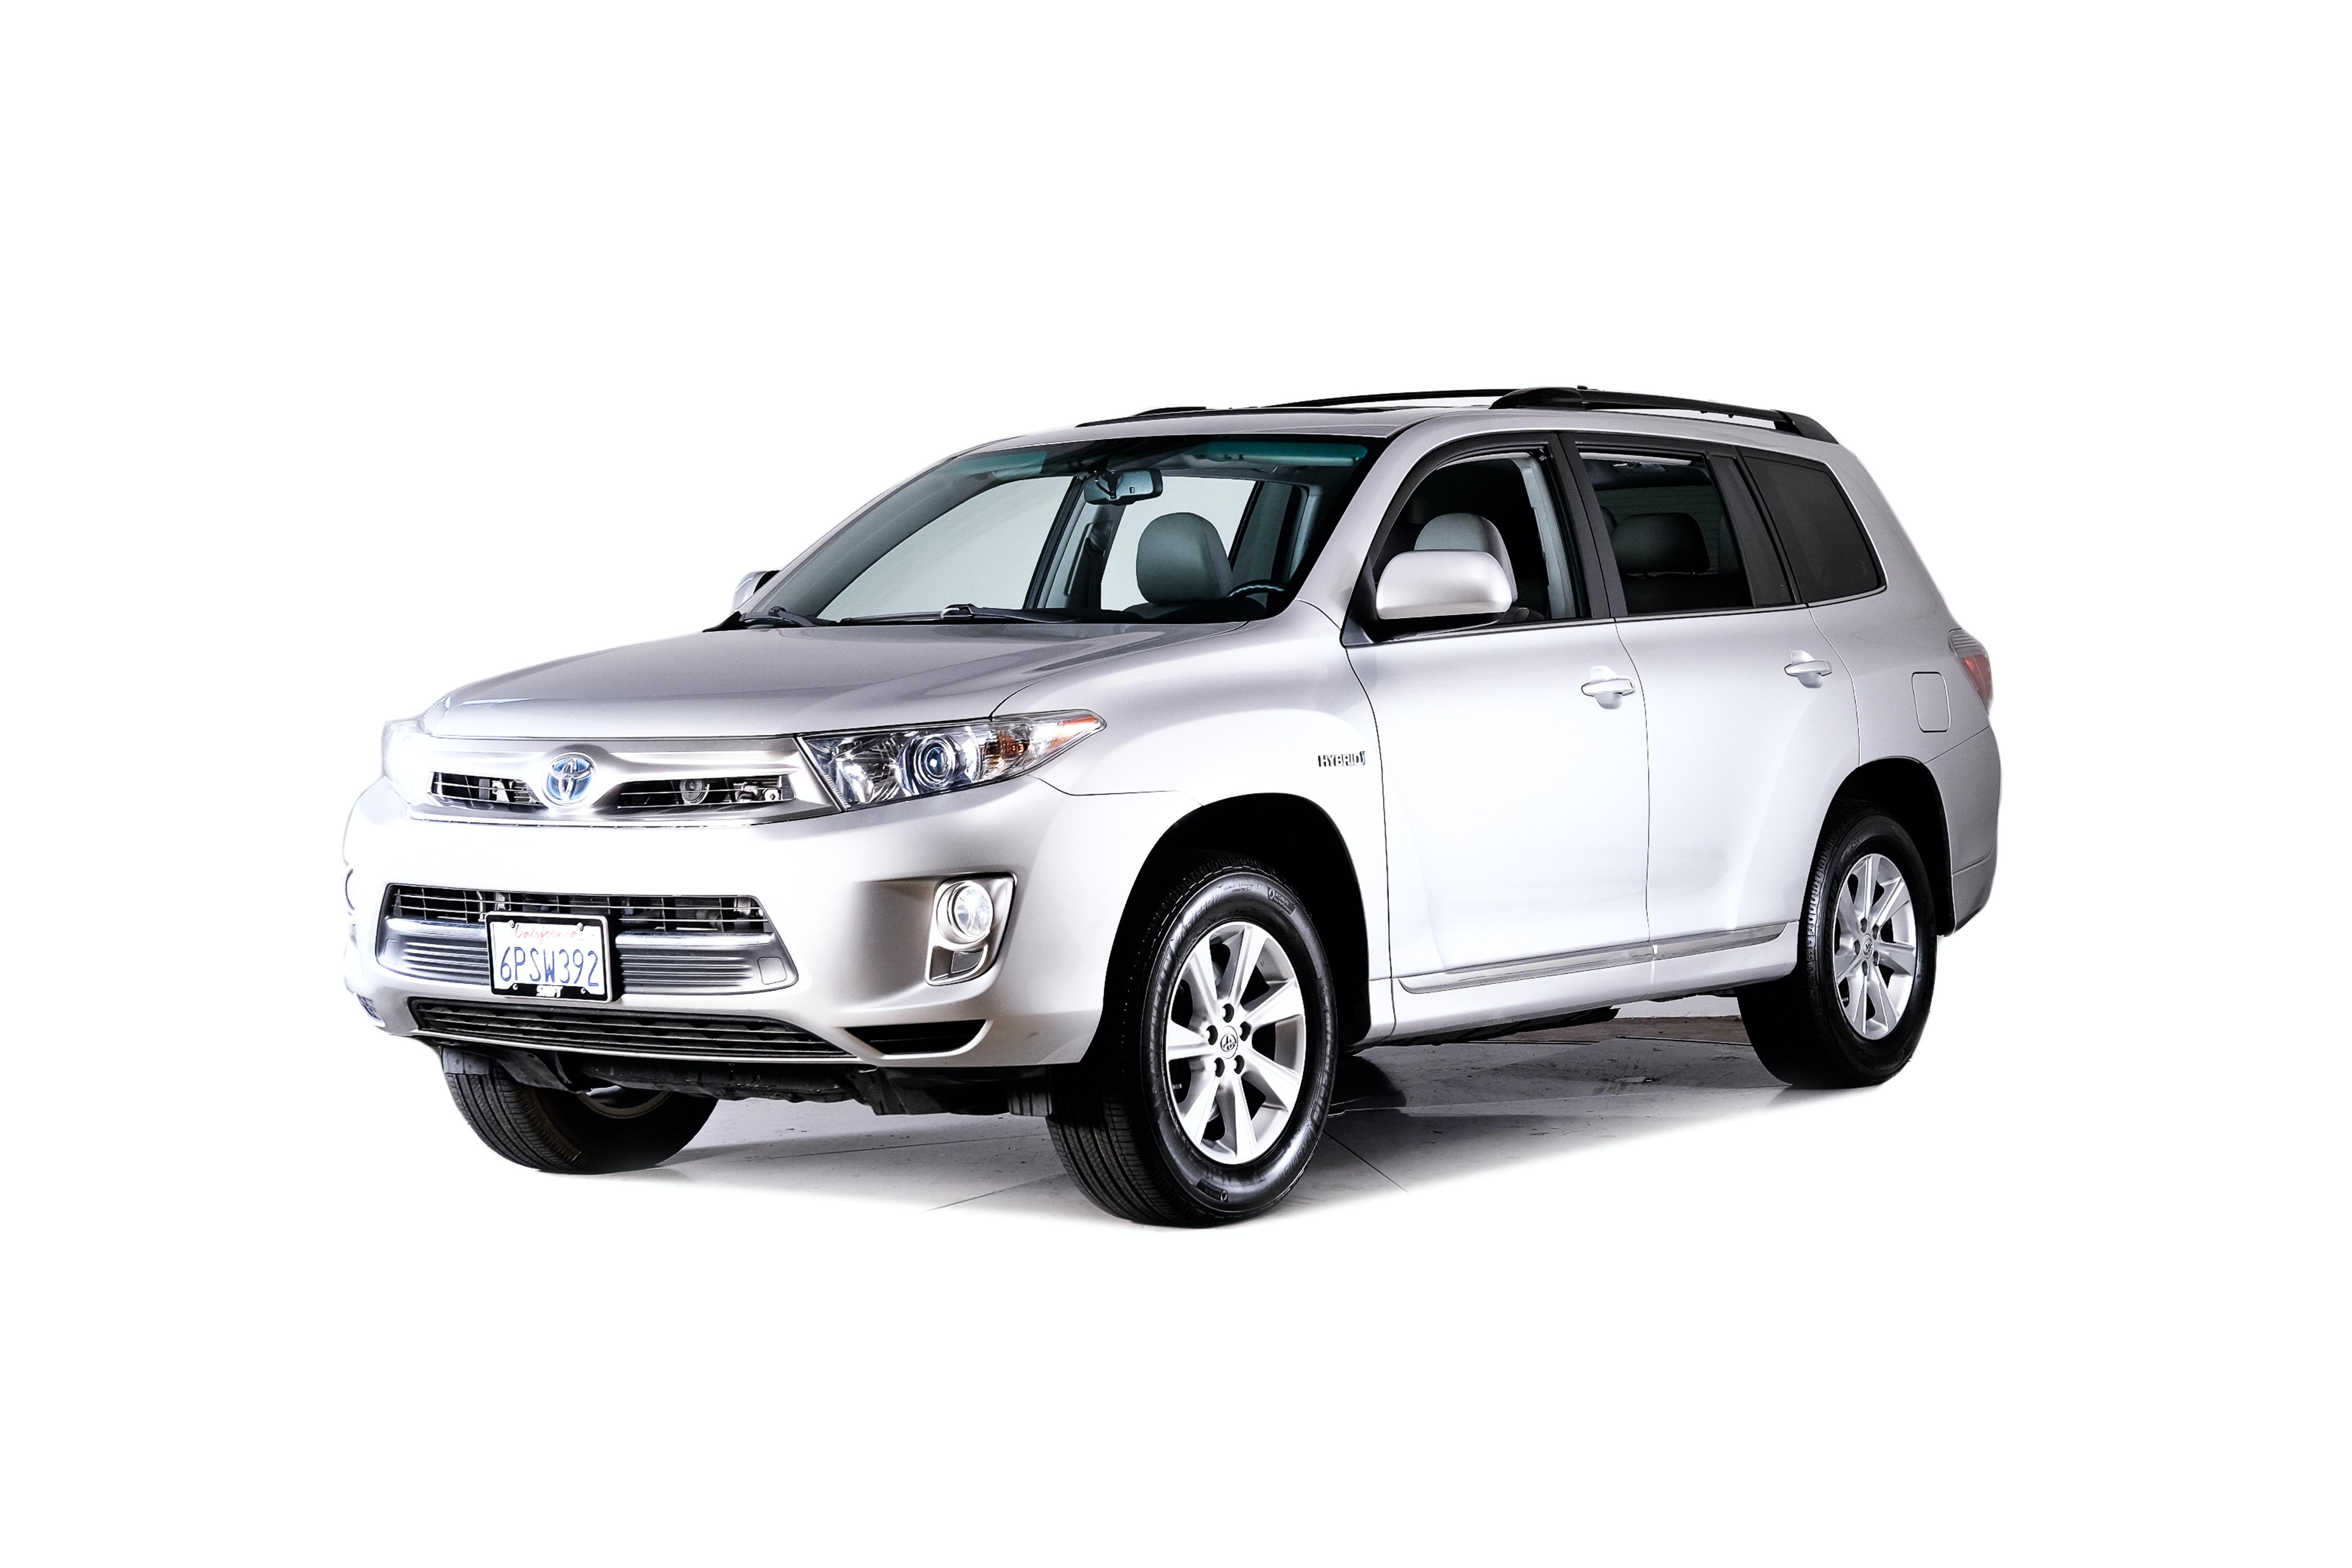 Buy A Used 2011 Toyota Highlander Hybrid | Shift